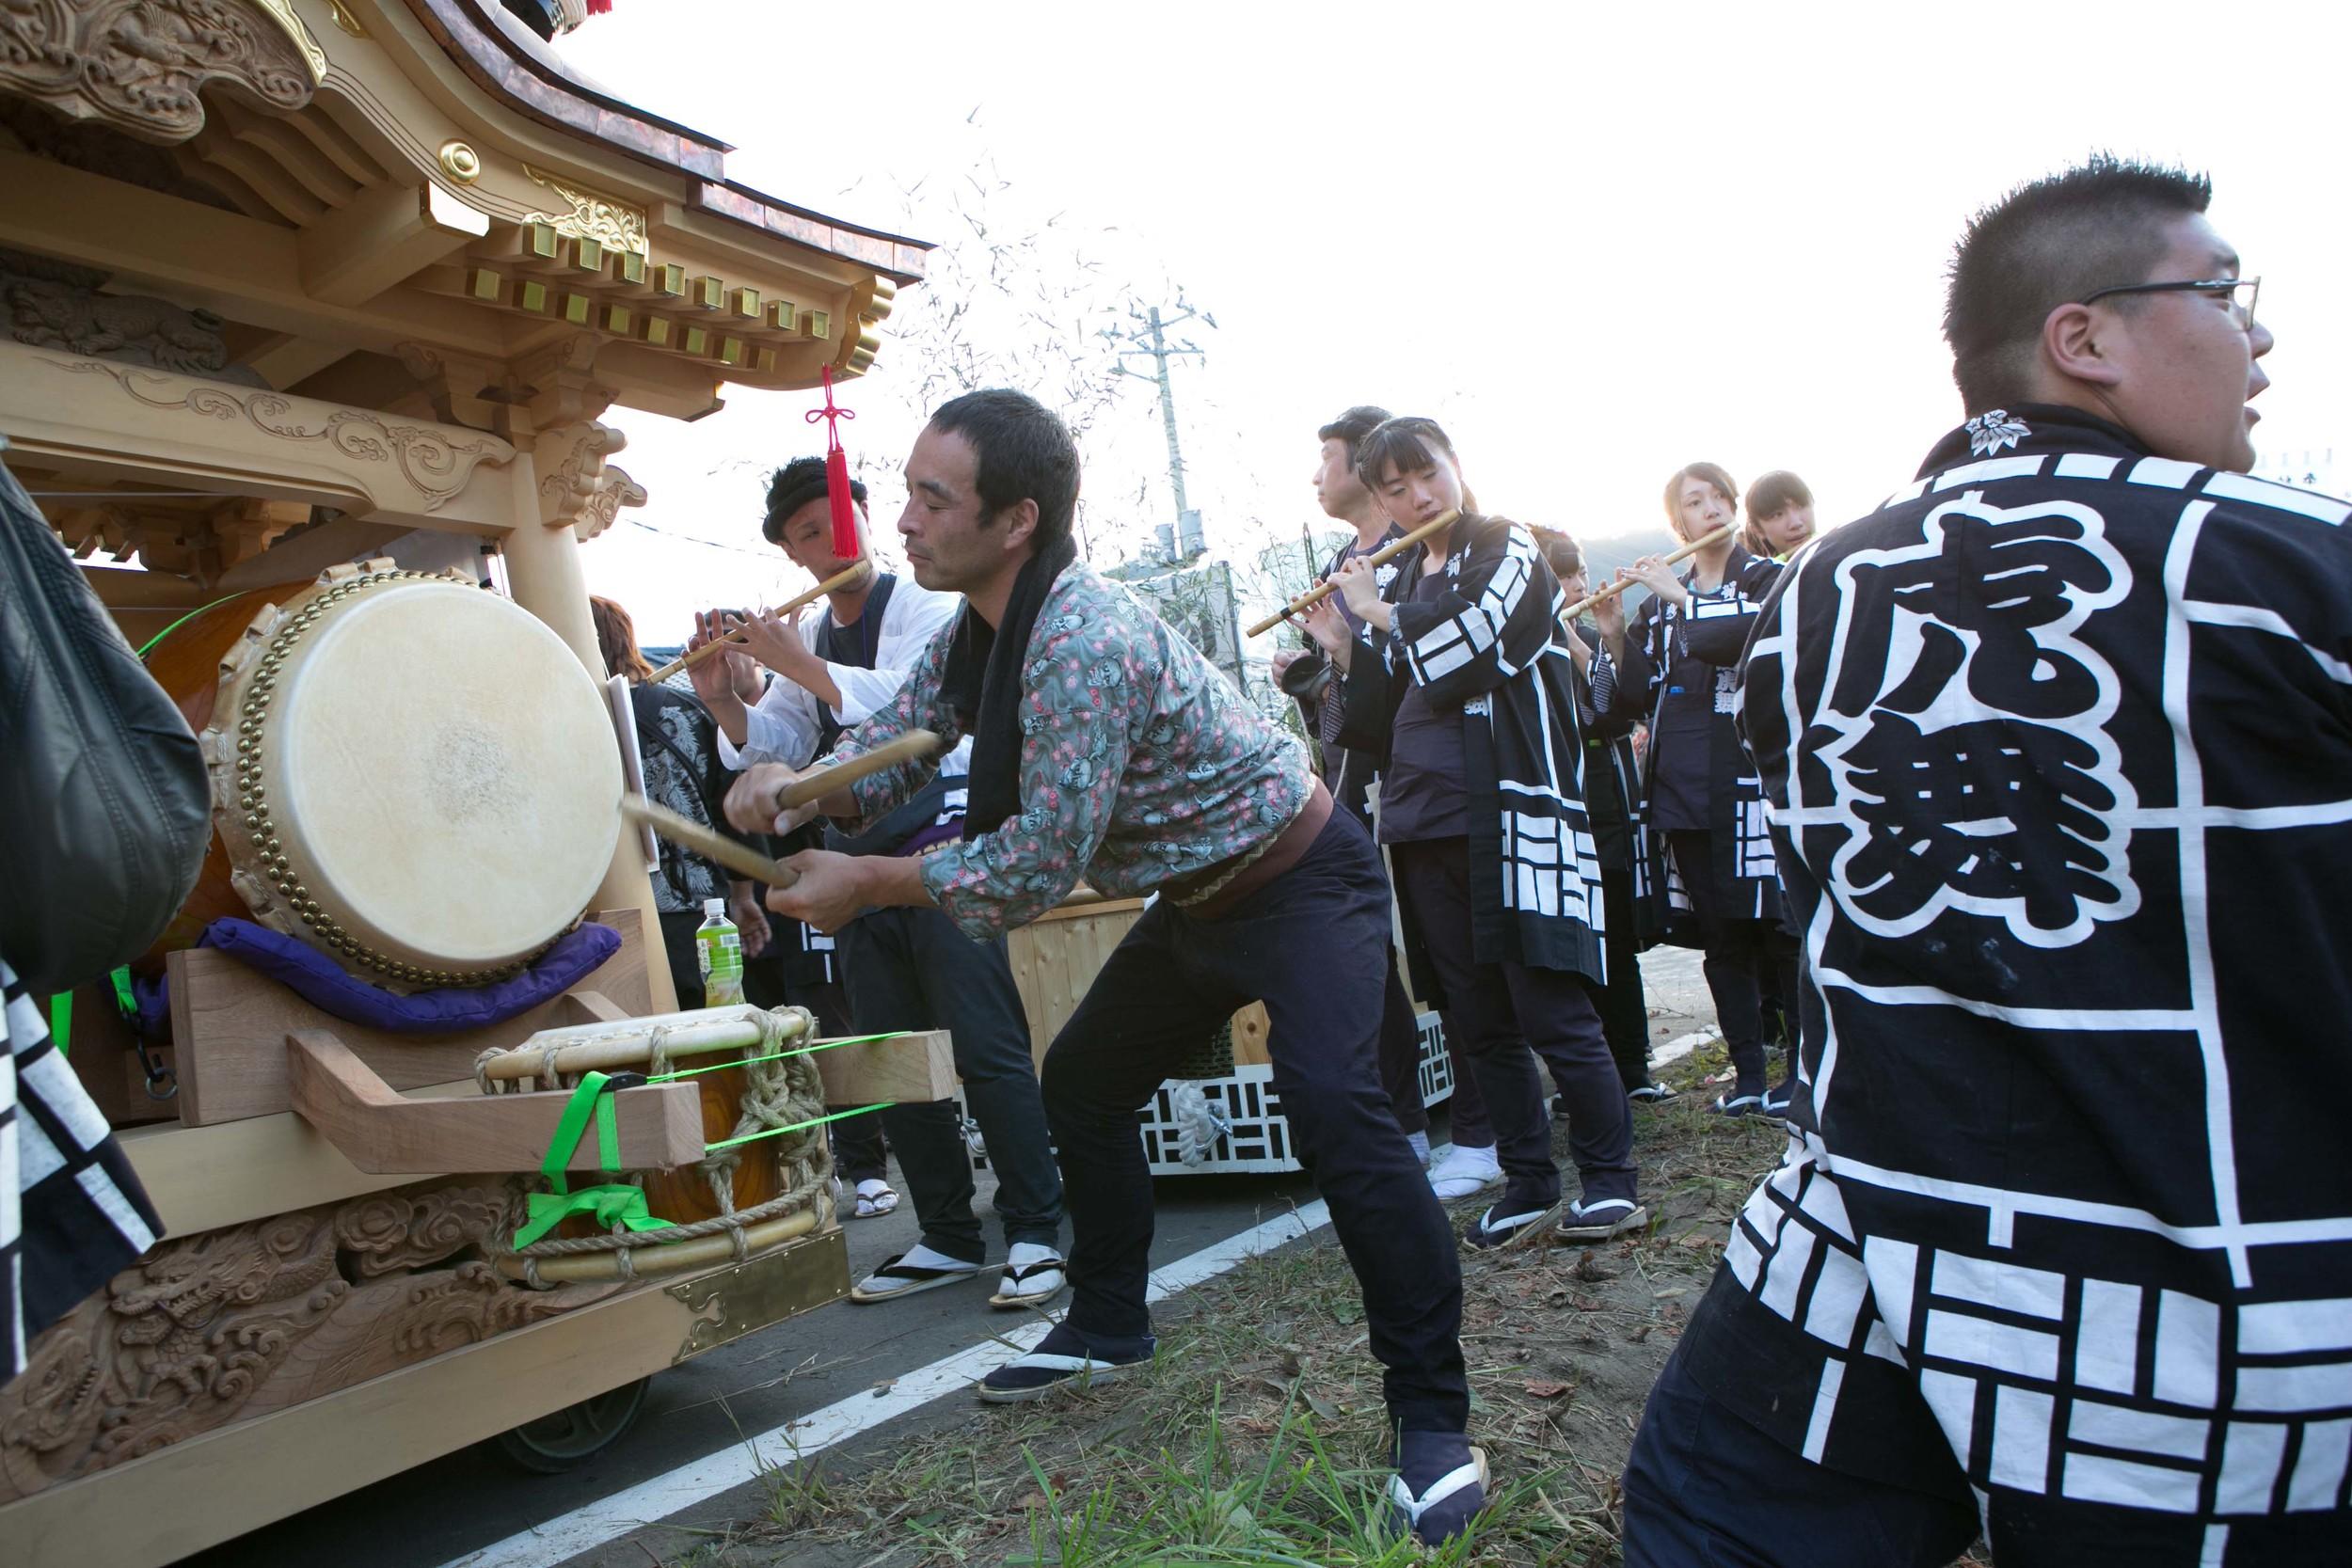 50_Otsuchi_matsuri20140921-1003.jpg